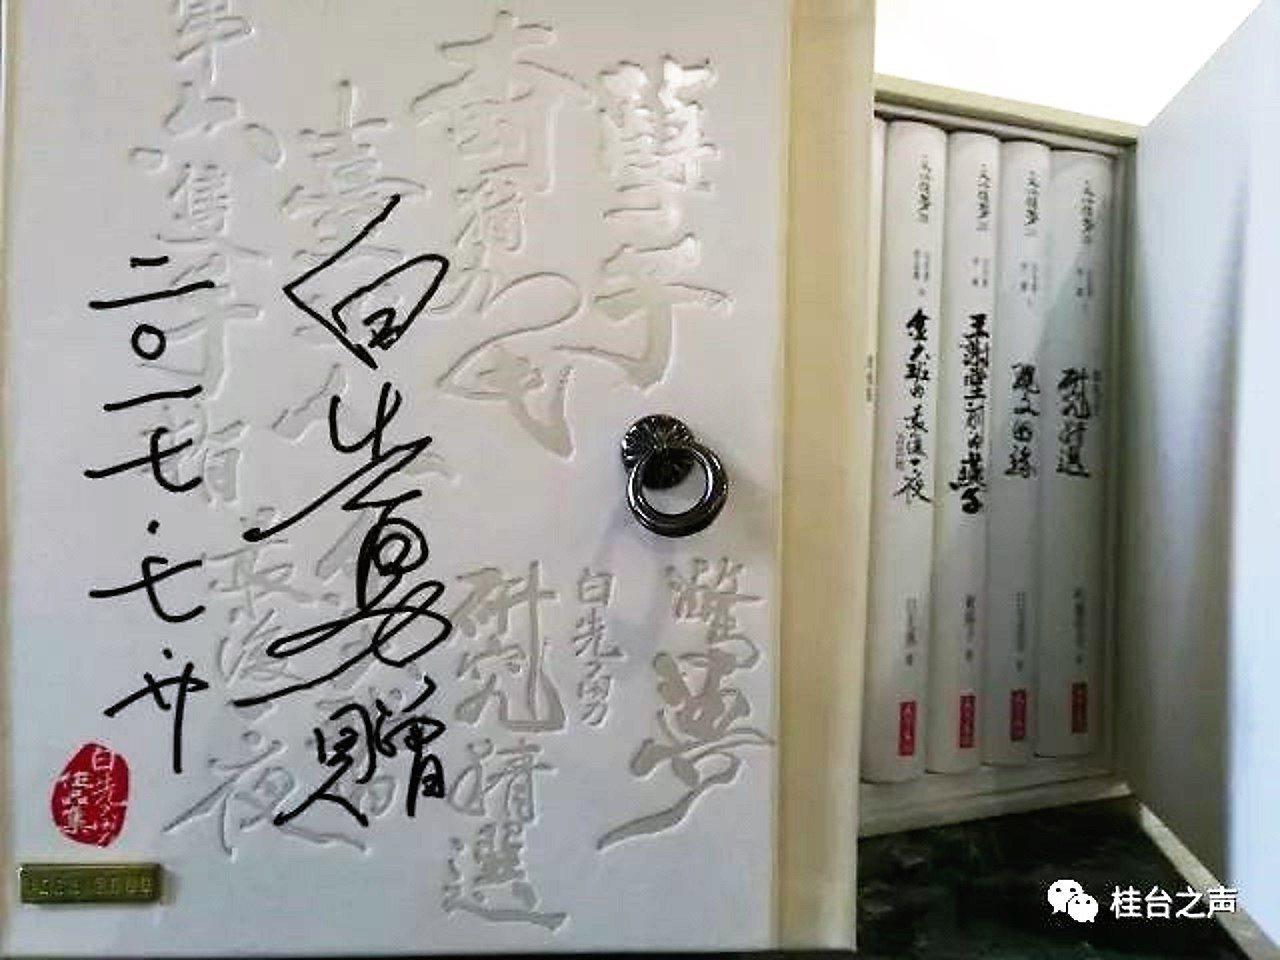 捐贈給南寧三中的白先勇簽名的作品集。 桂台之聲/提供